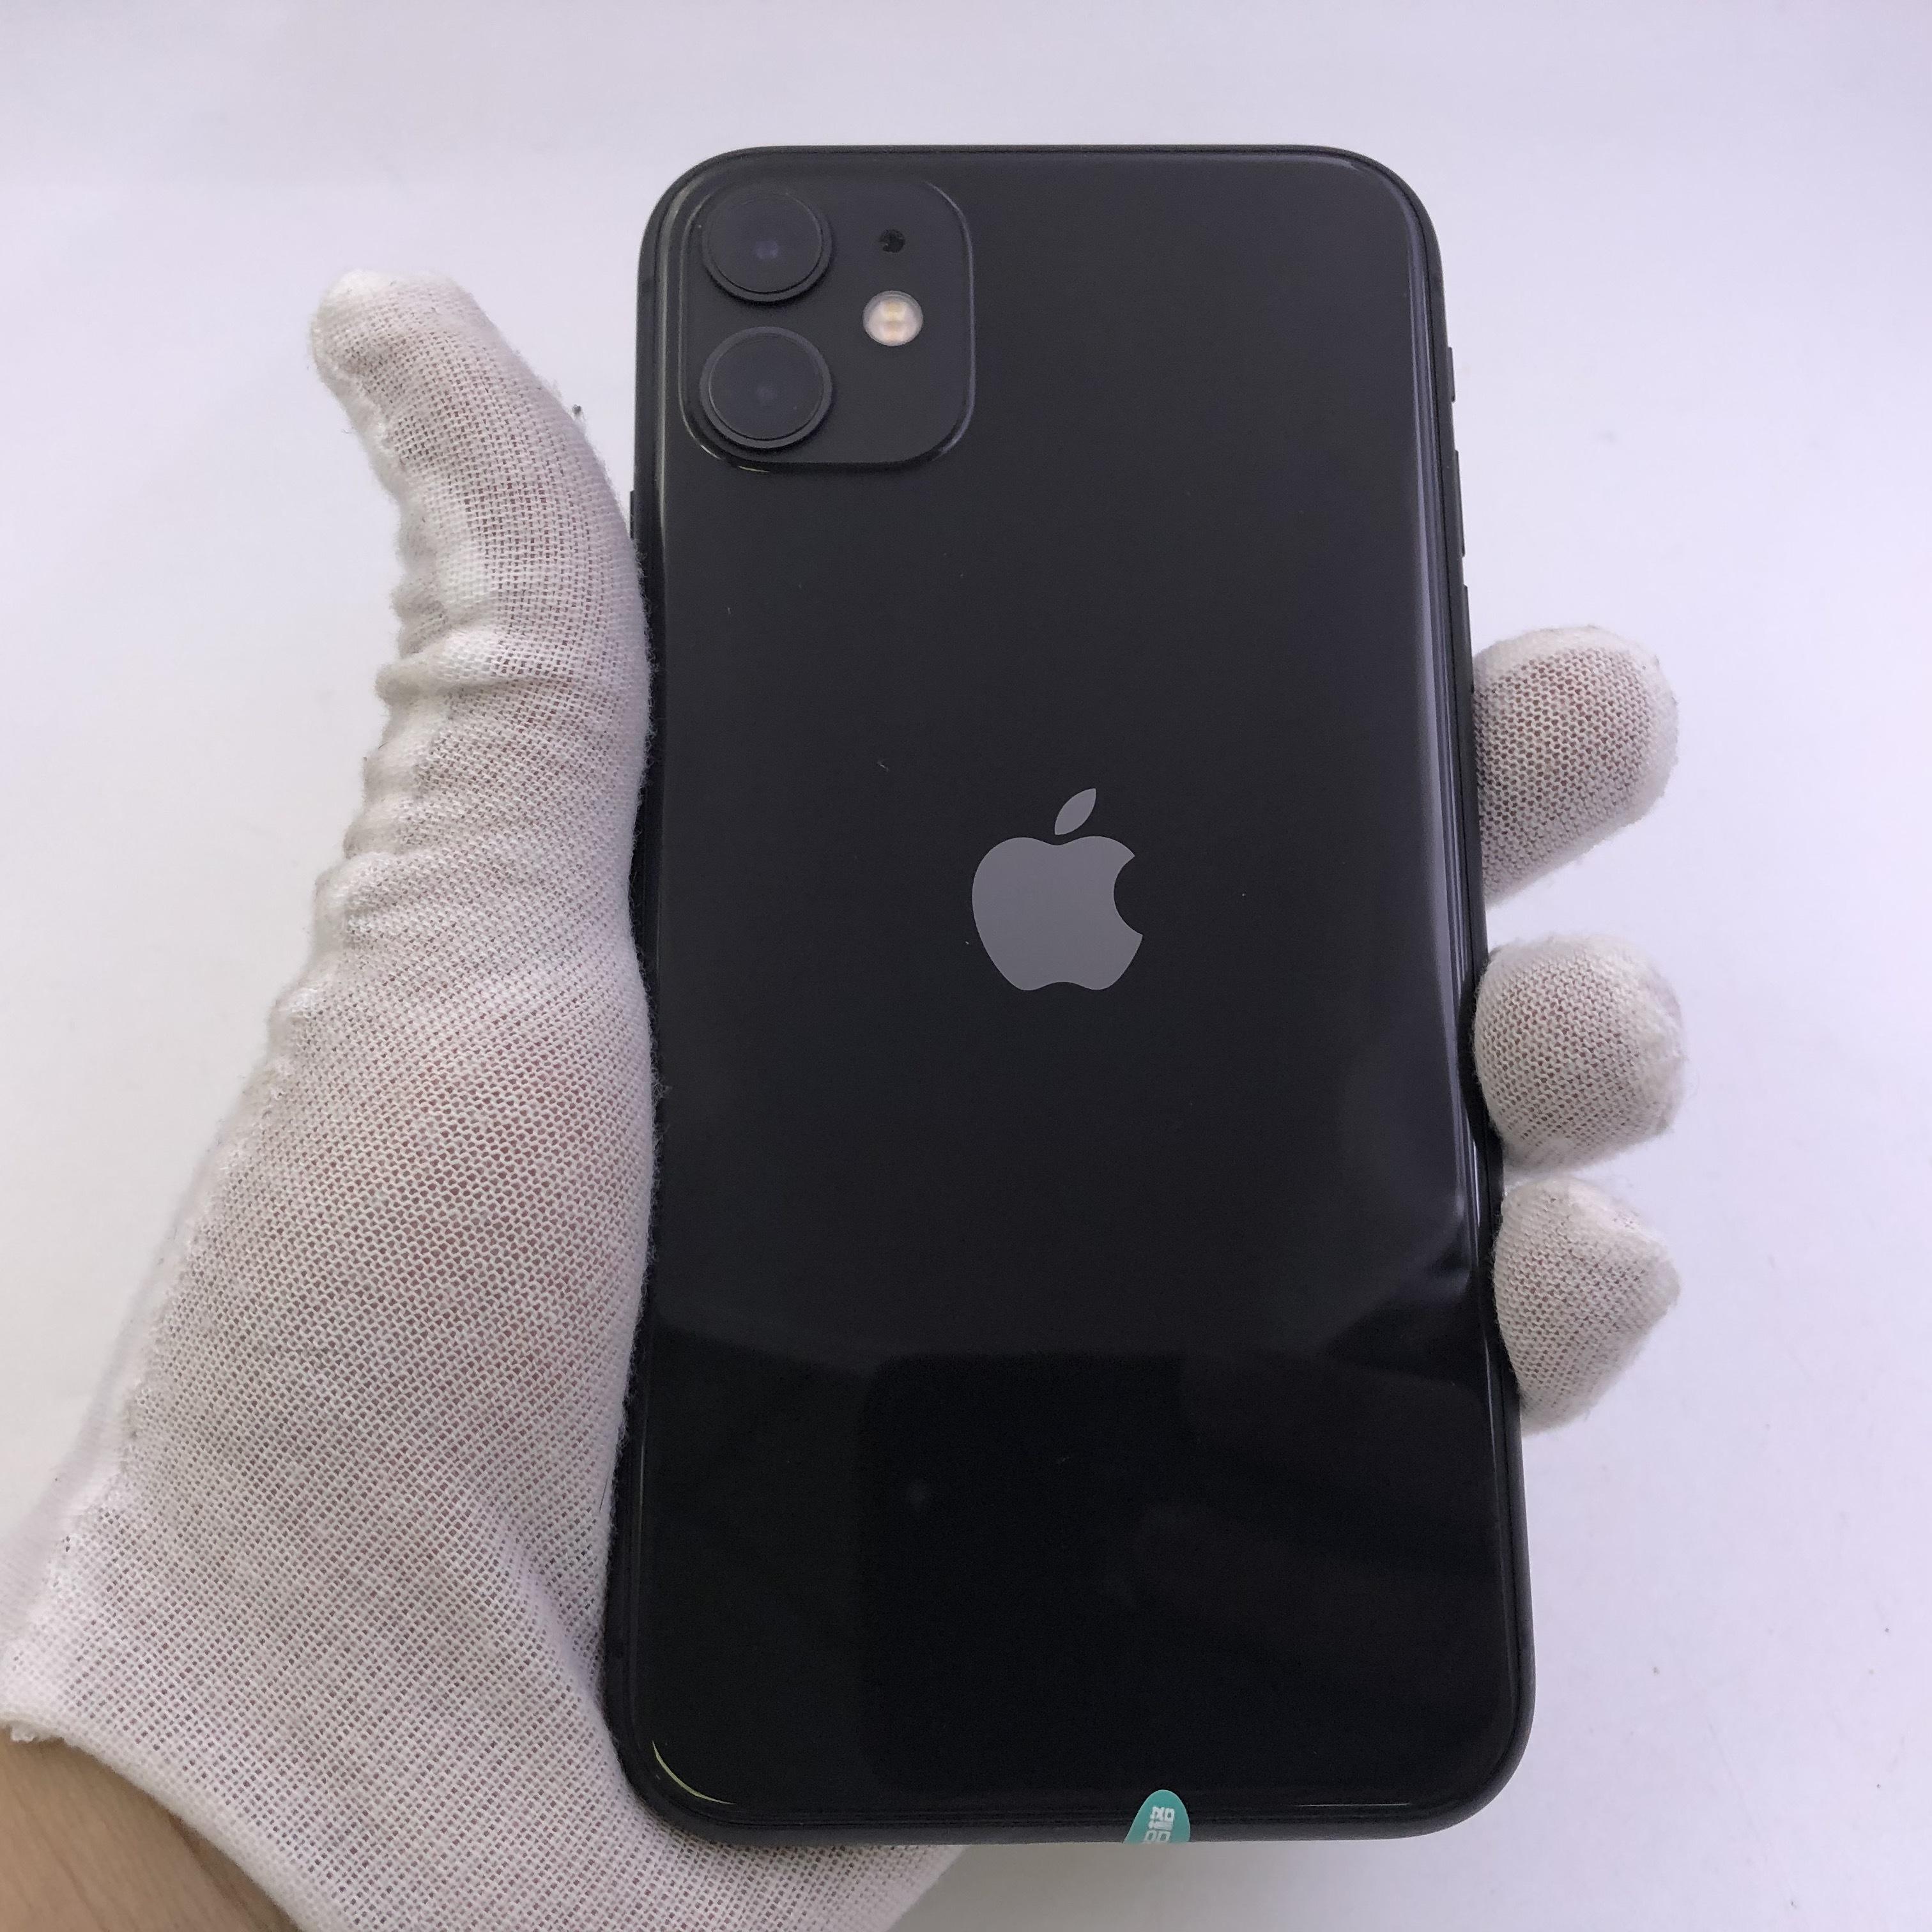 苹果【iPhone 11】4G全网通 黑色 256G 国行 8成新